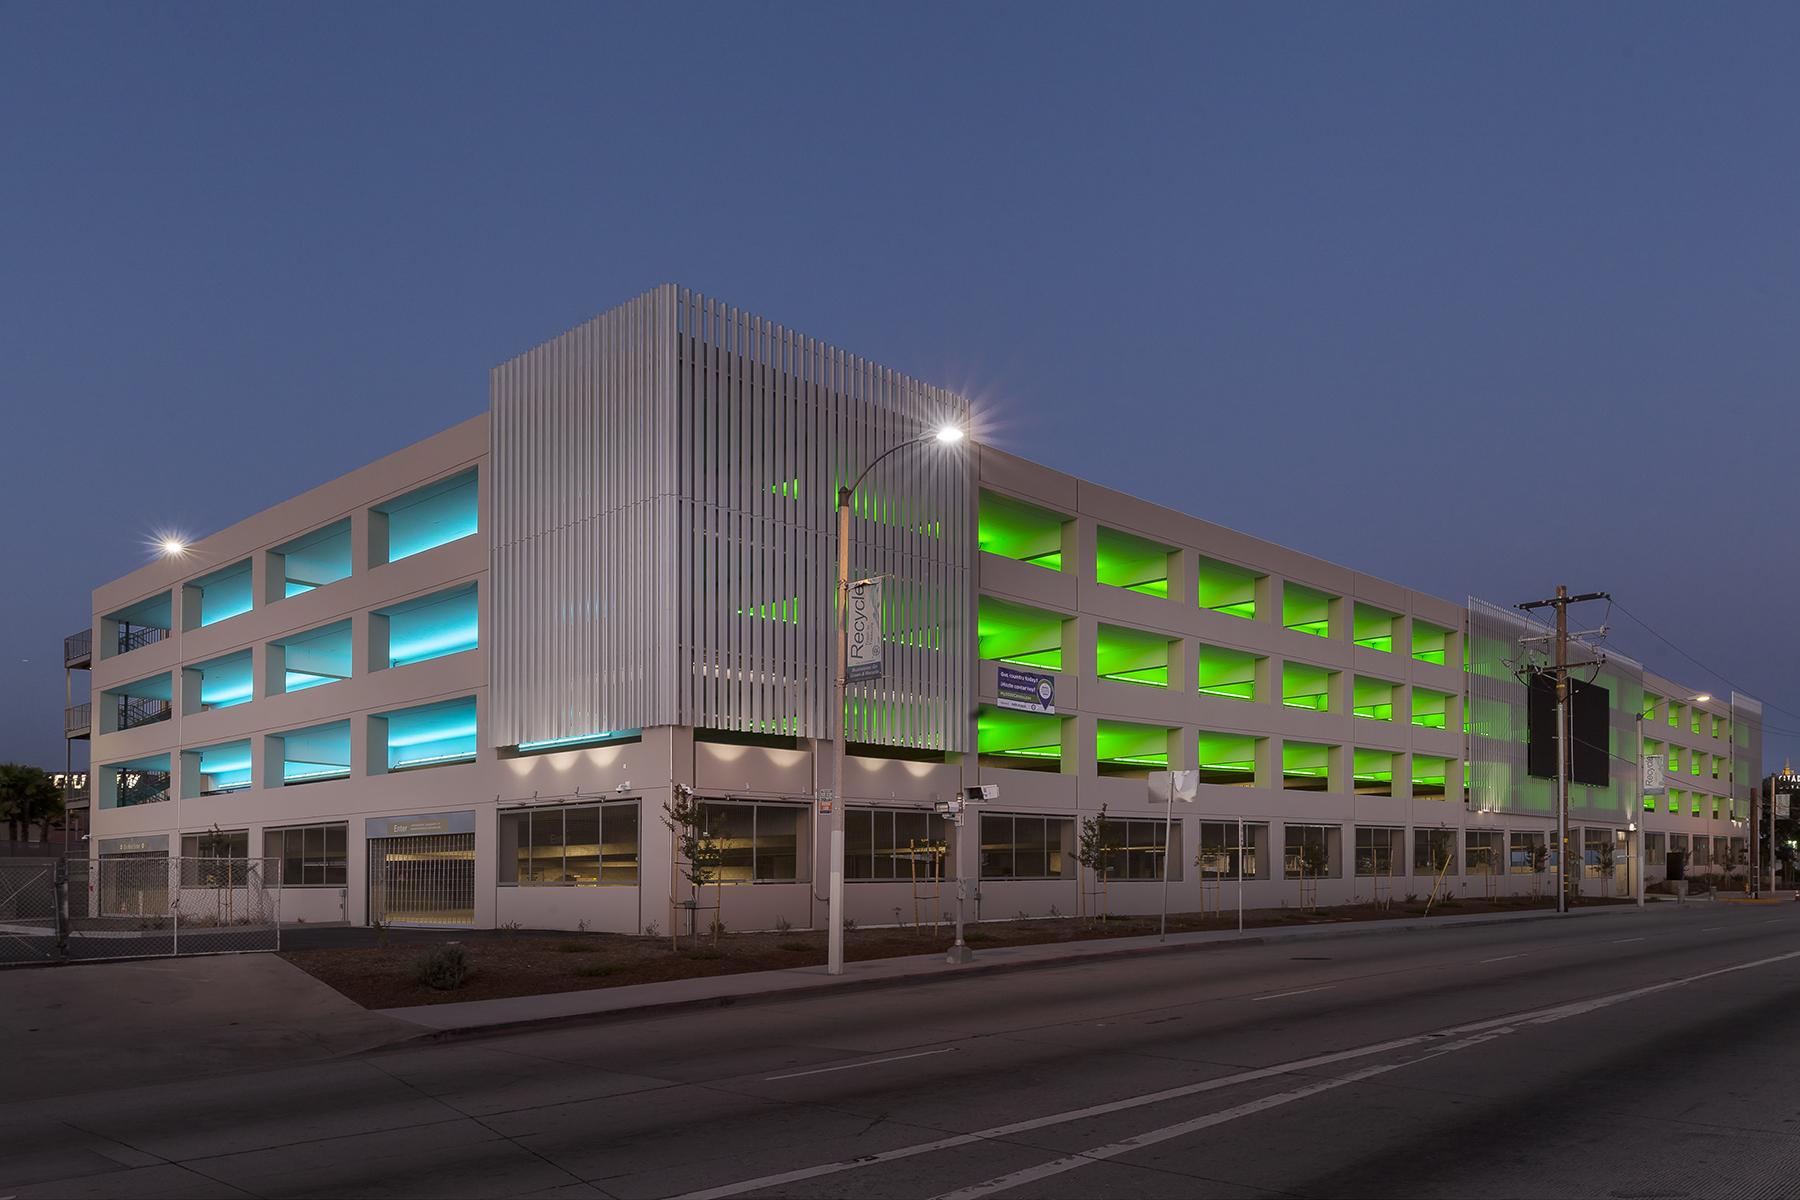 Alta Med Parking Structure